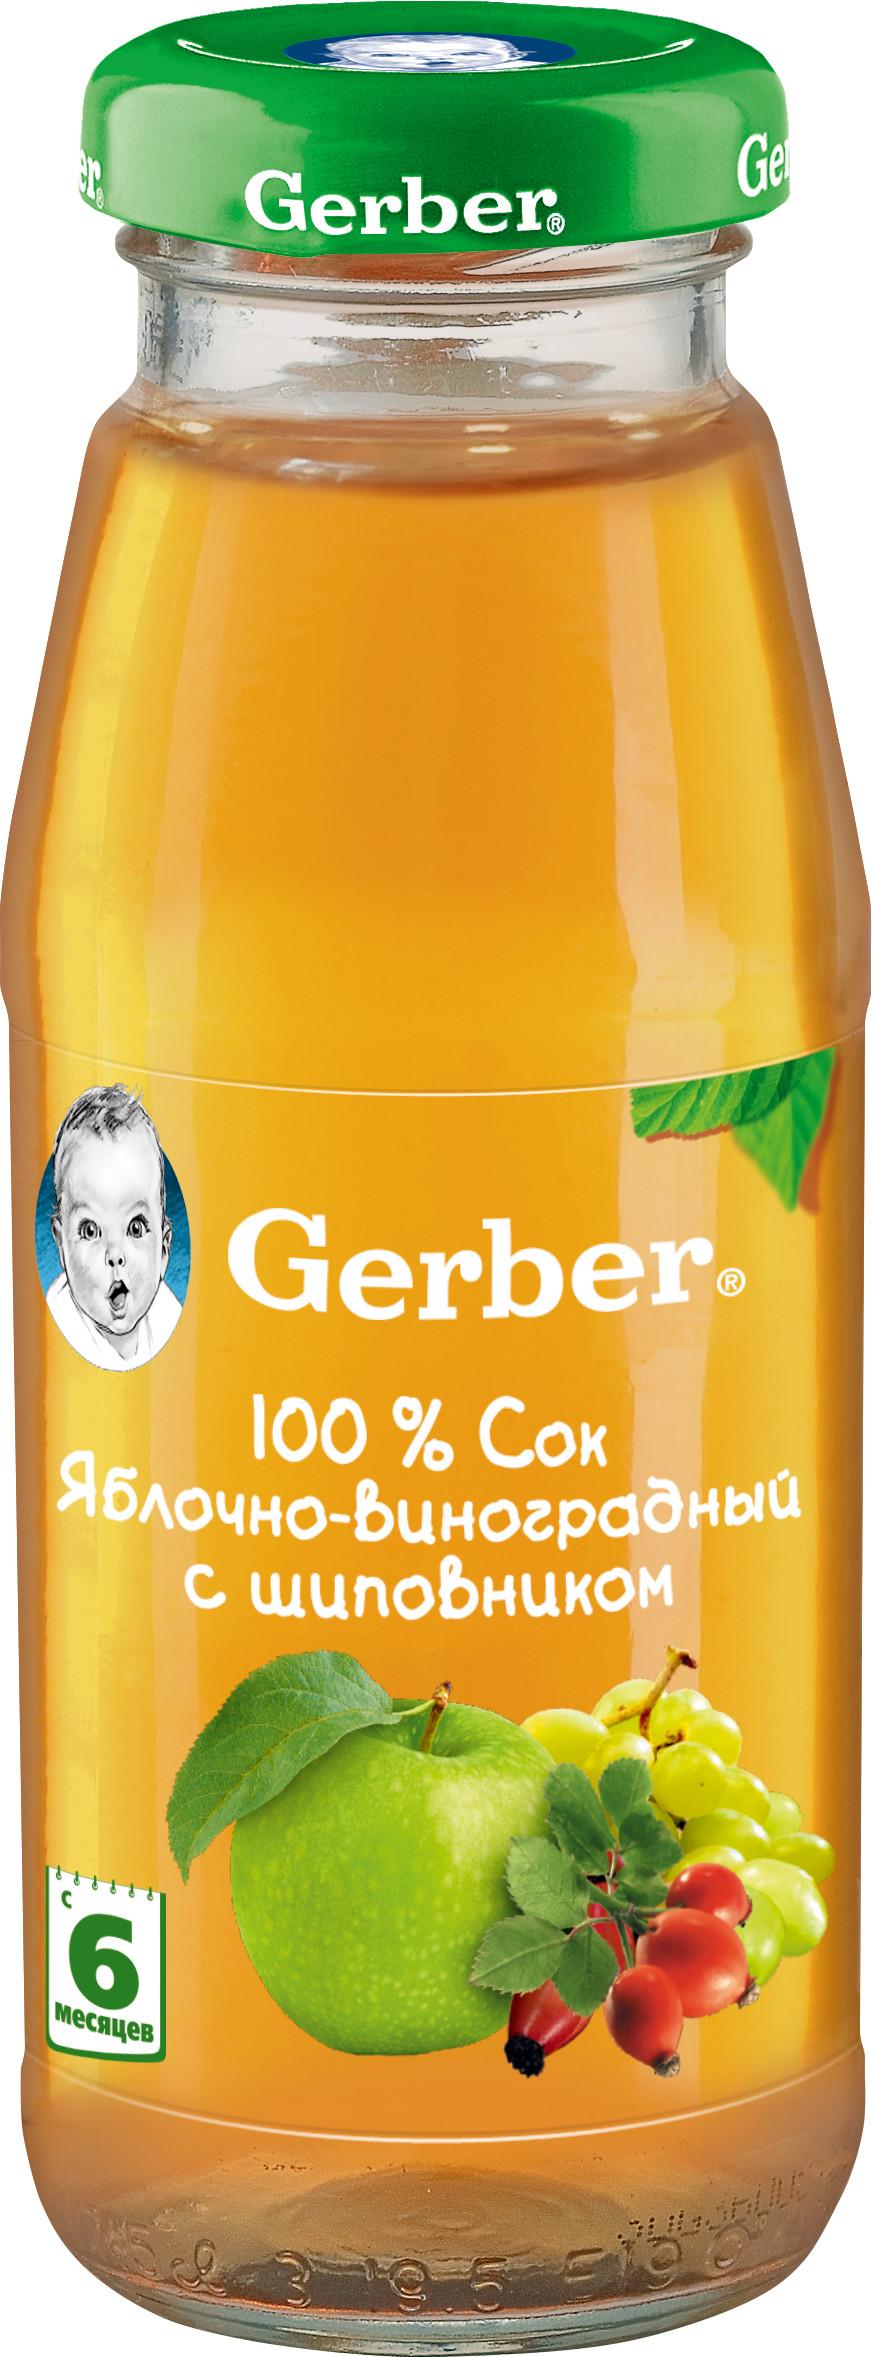 Сок Nestle Gerber яблочно-виноградный с шиповником с 6 мес. 175 мл агу агу сок яблочно грушевый с 5 мес 170мл